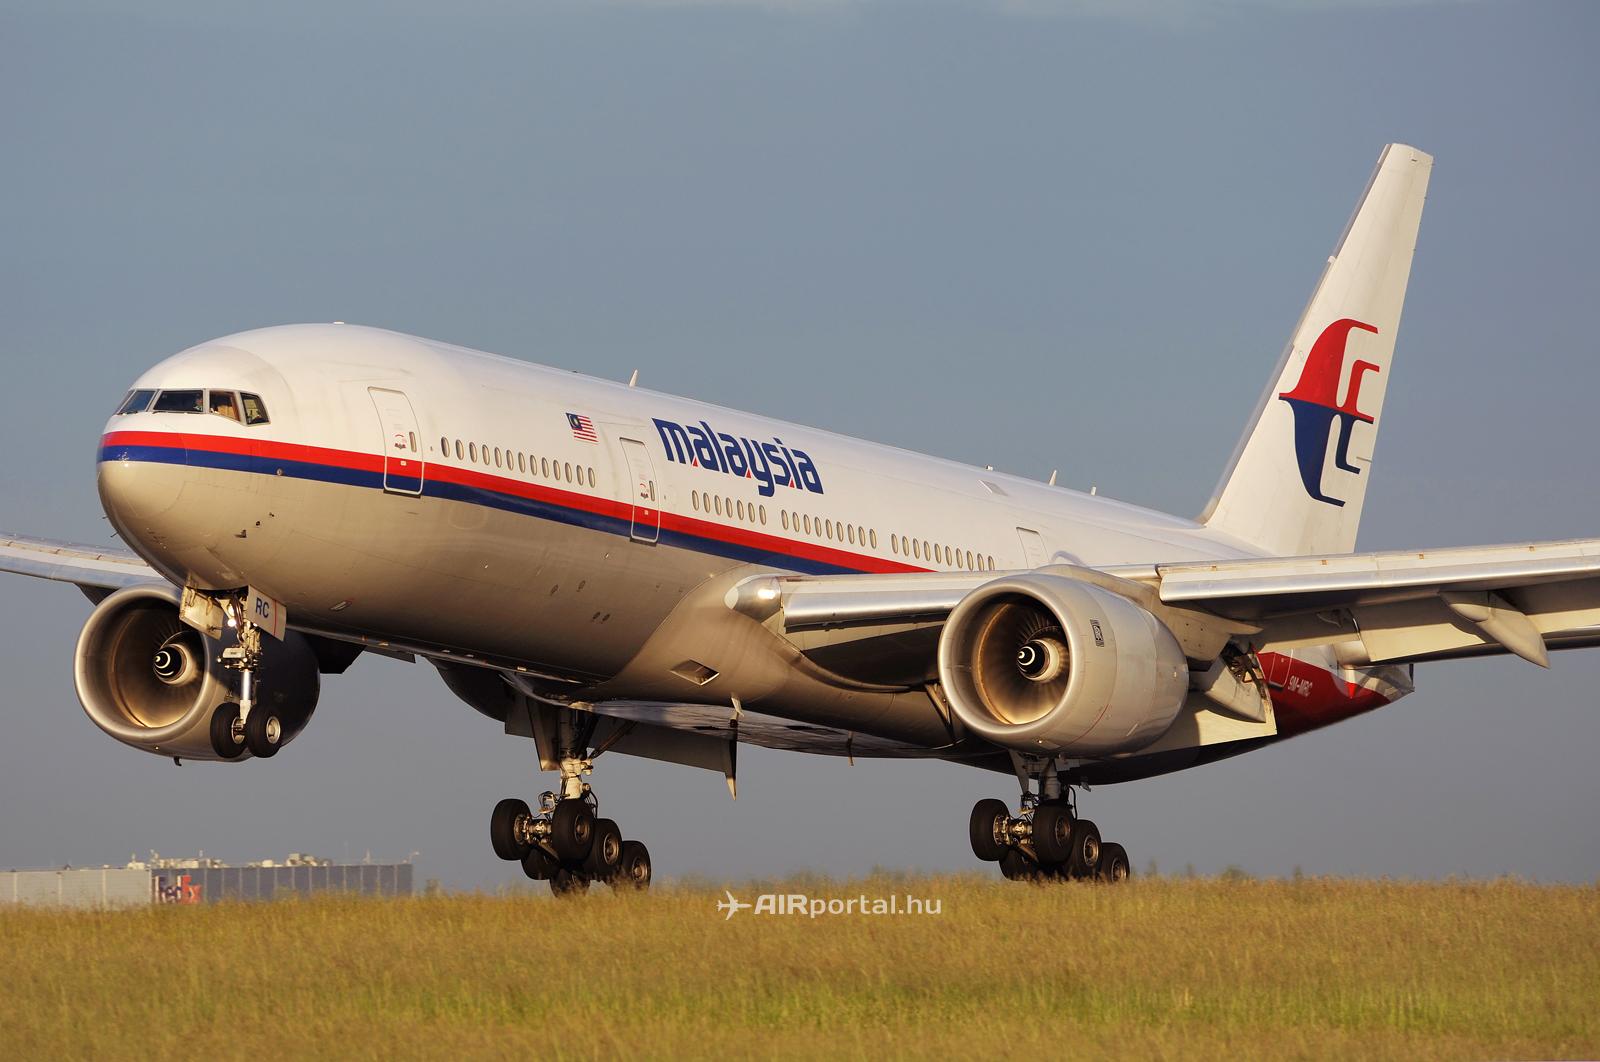 A 9M-MRC lajstromú Boeing 777-200ER repülőgép a párizsi Charles de Gaulle repülőtéren. Az idén elvesztett két gép is ugyanezt a festést és típusjelzést viselte. (Fotó: Kovács Gábor - AIRportal.hu) | © AIRportal.hu